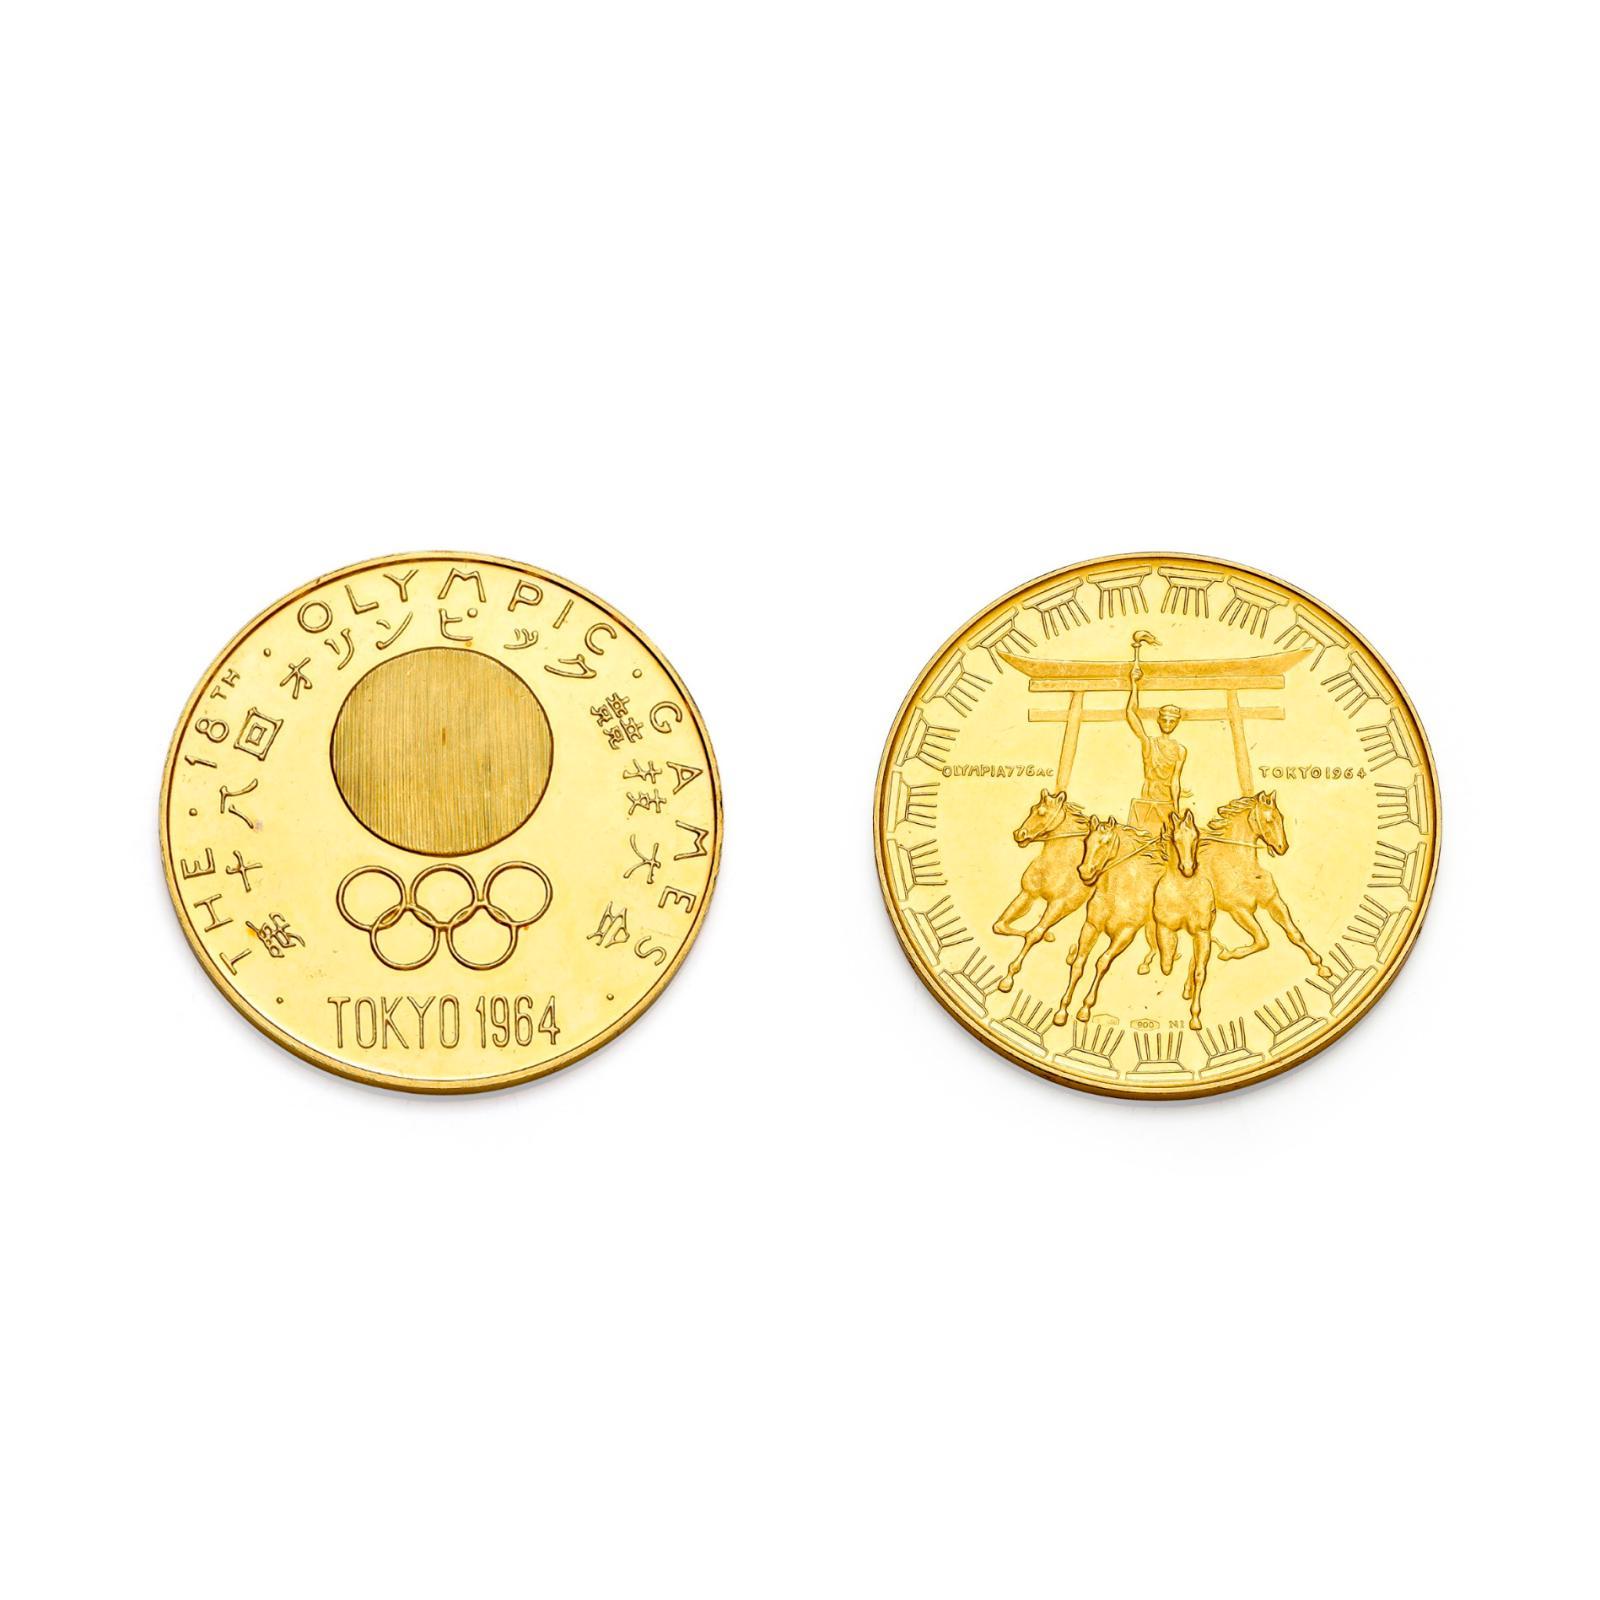 1116€ Médaille commémorativedes Jeux de Tokyo de 1964,or jaune 900/1000, diam.4,5cm, poids brut35g.Paris, LaSalle, 21décembre 20